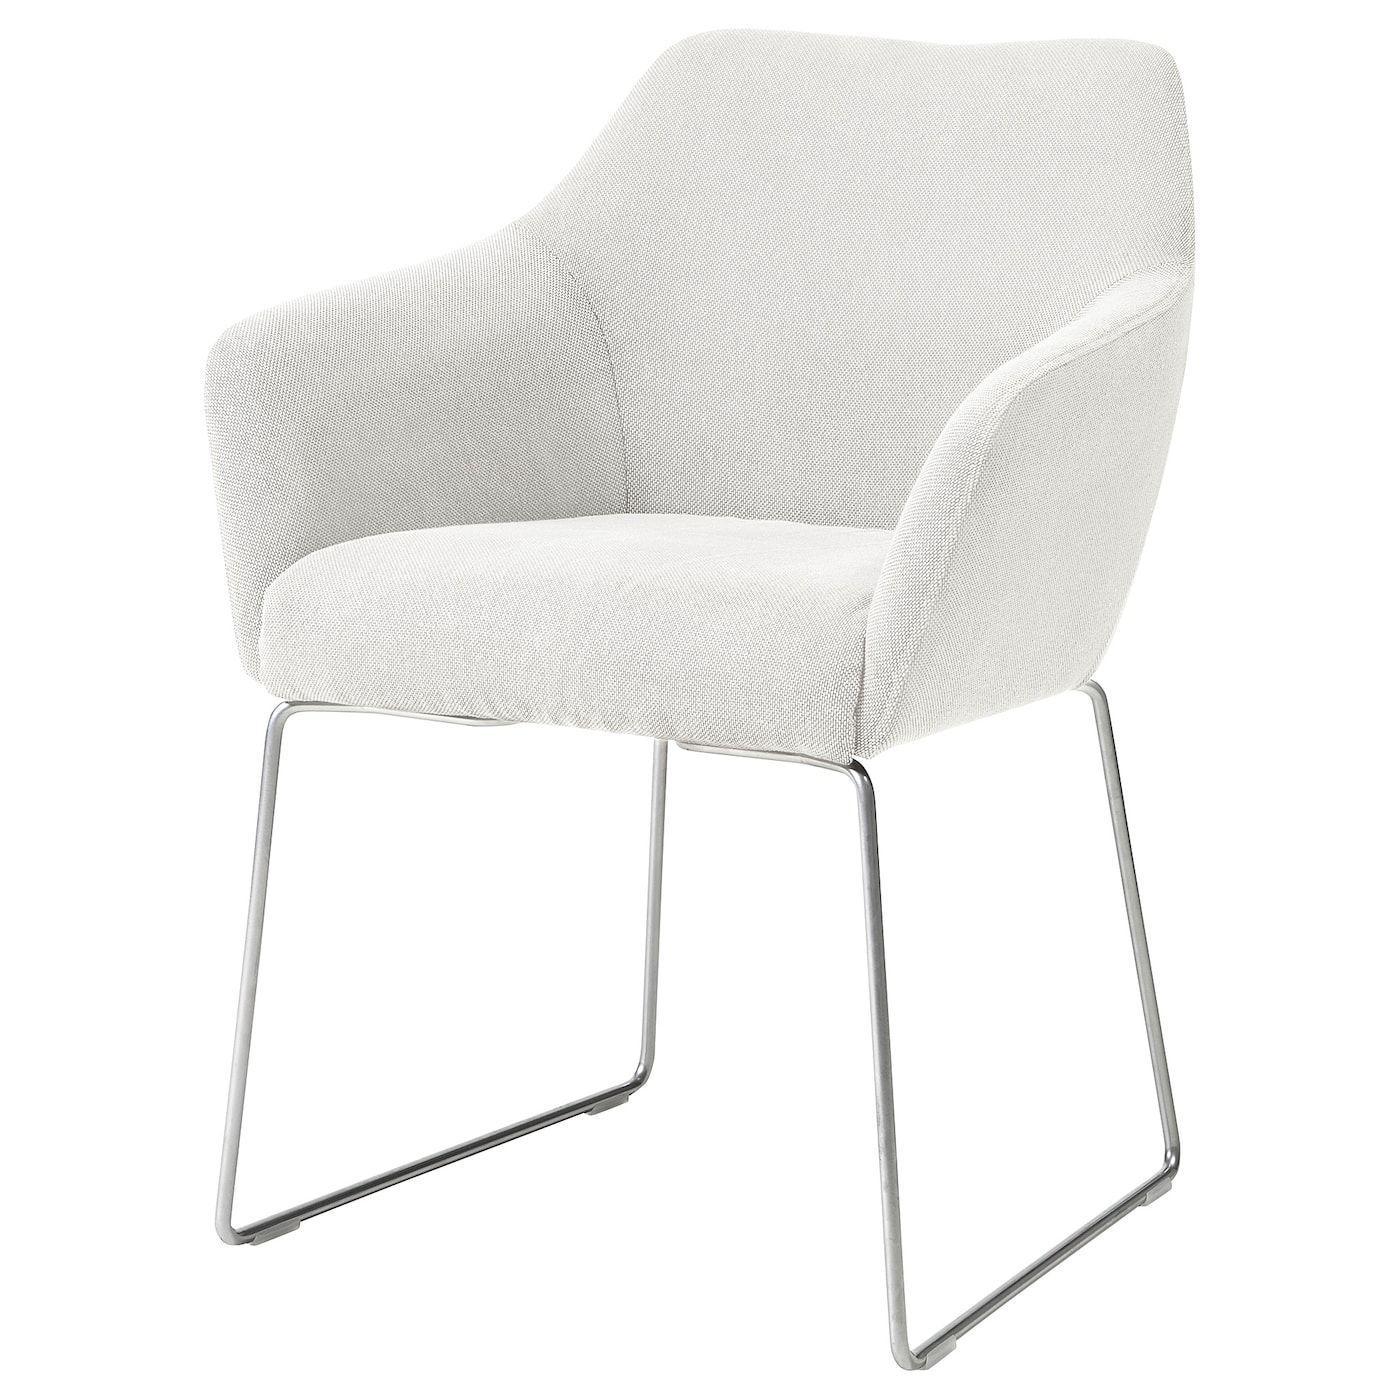 Ikea Esstisch Stühle Weiß